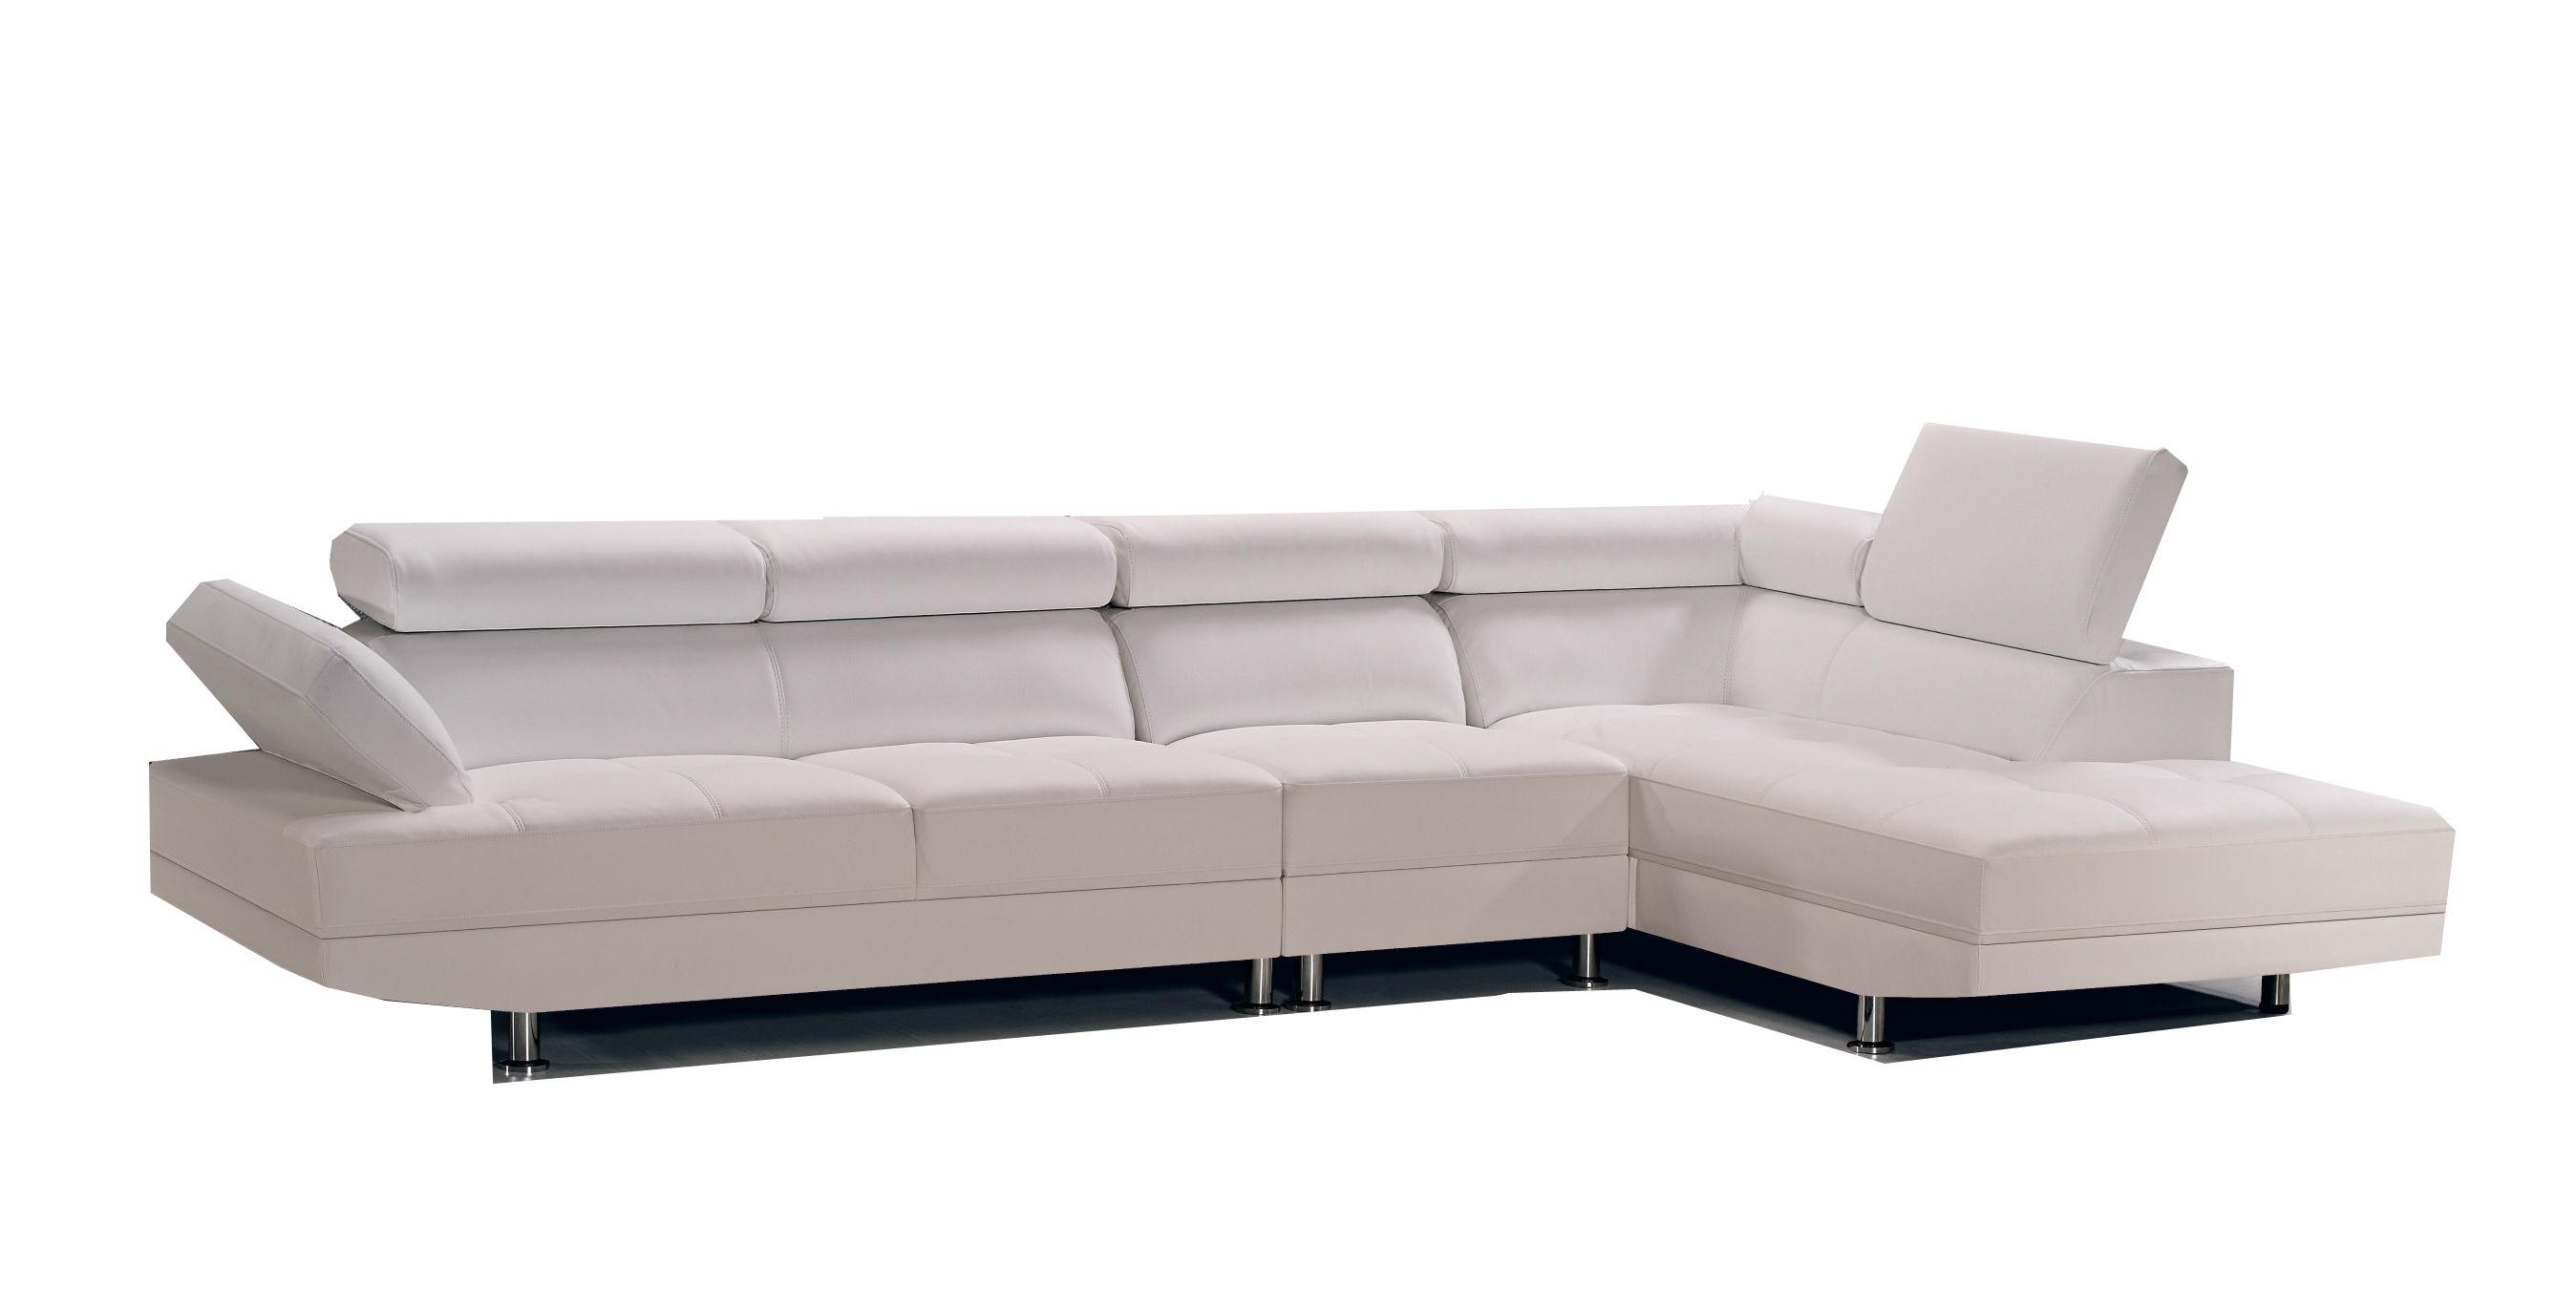 China White Kenya Leather Sofa Set China Sofa Home Sofa